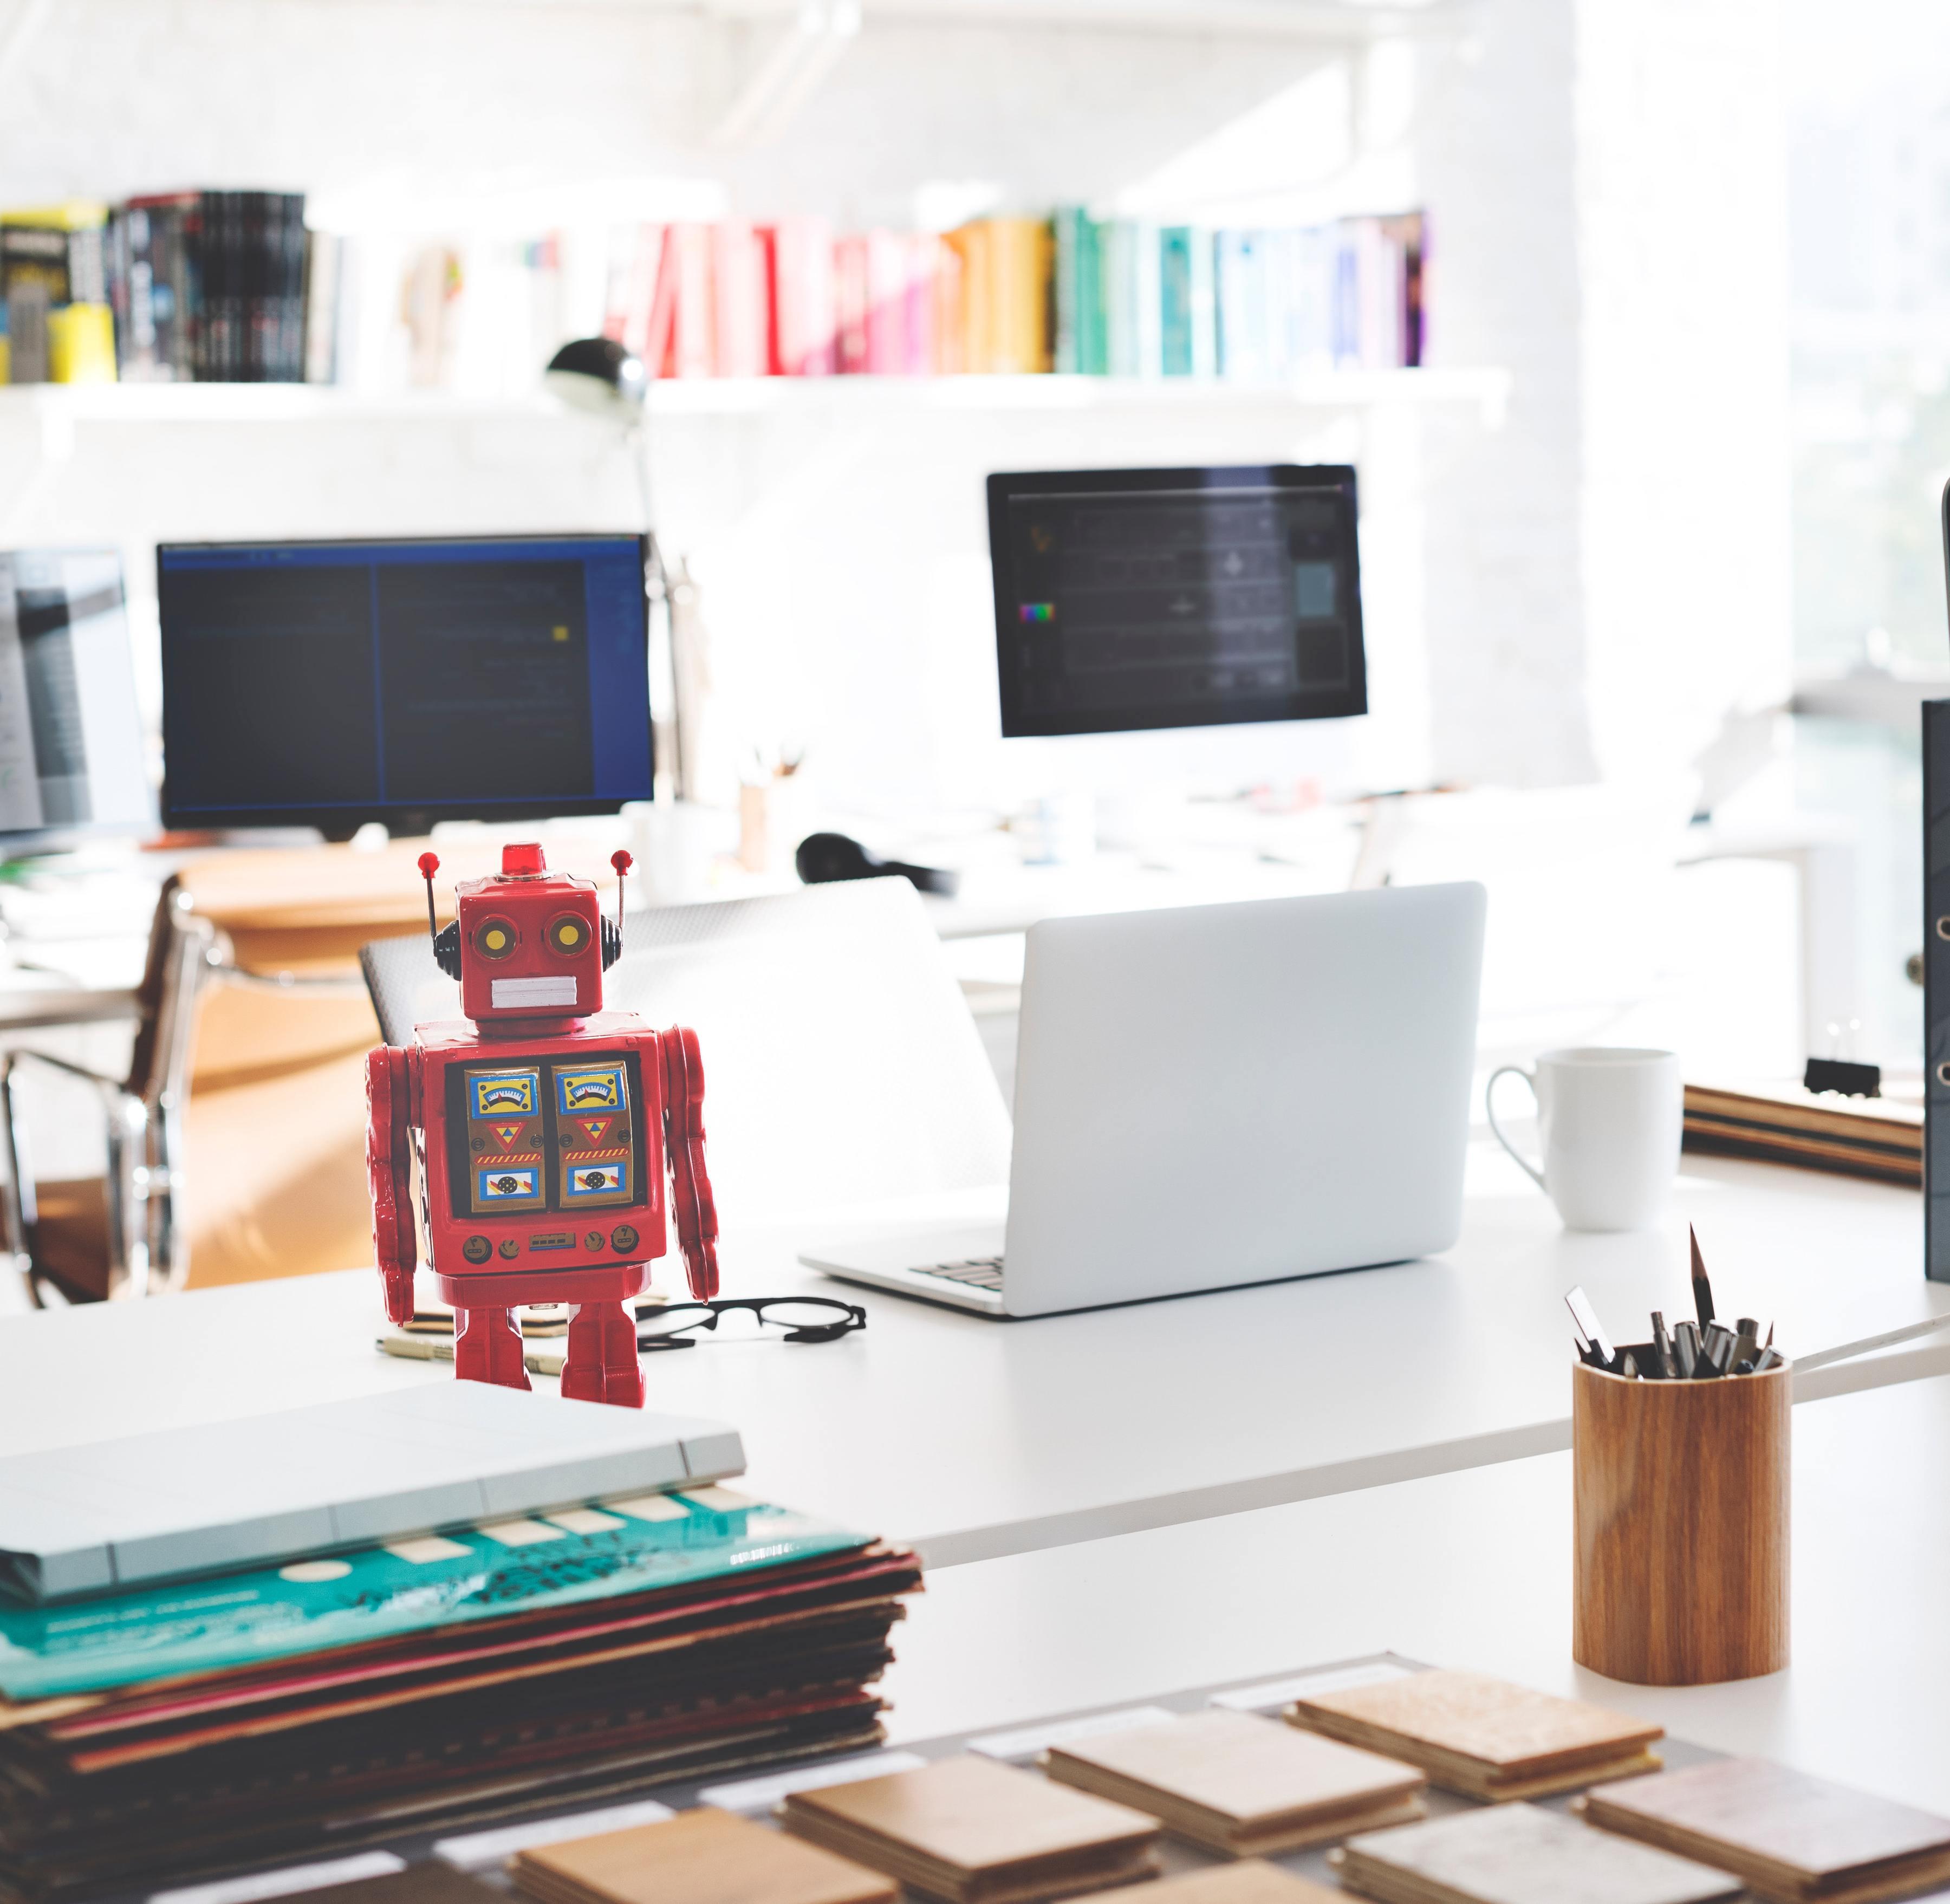 AIを活用した自社開発プラットフォーム「zig-zag」における、Pythonを用いた機械学習エンジニア